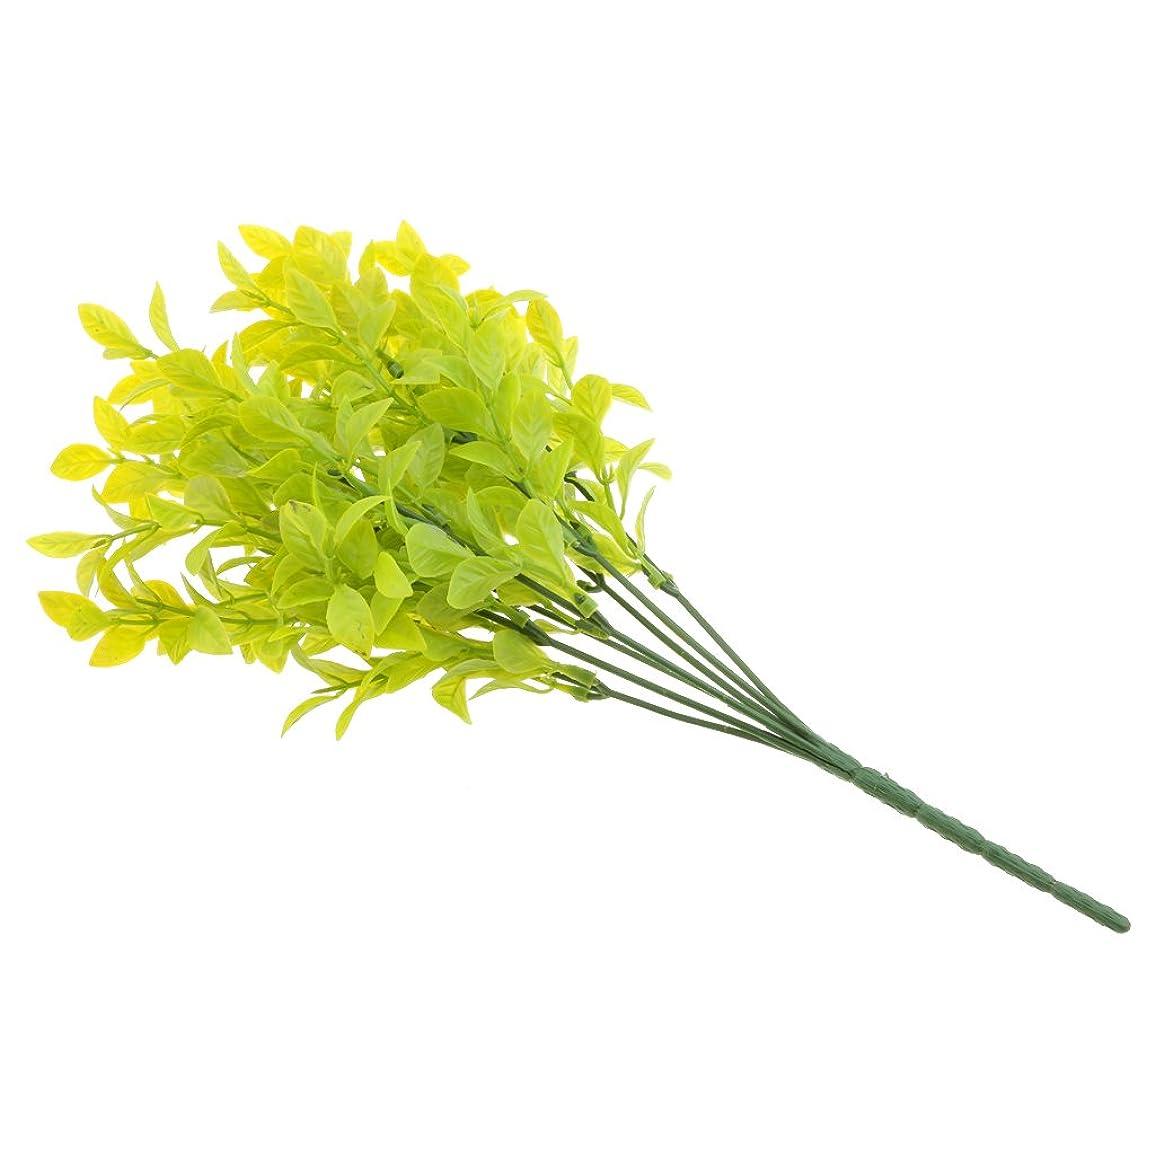 協力クアッガワーディアンケースFenteer インテリア 人工観葉植物 4色 曲げ可能 ホーム オフィス 屋外 装飾 プレゼント - 黄緑